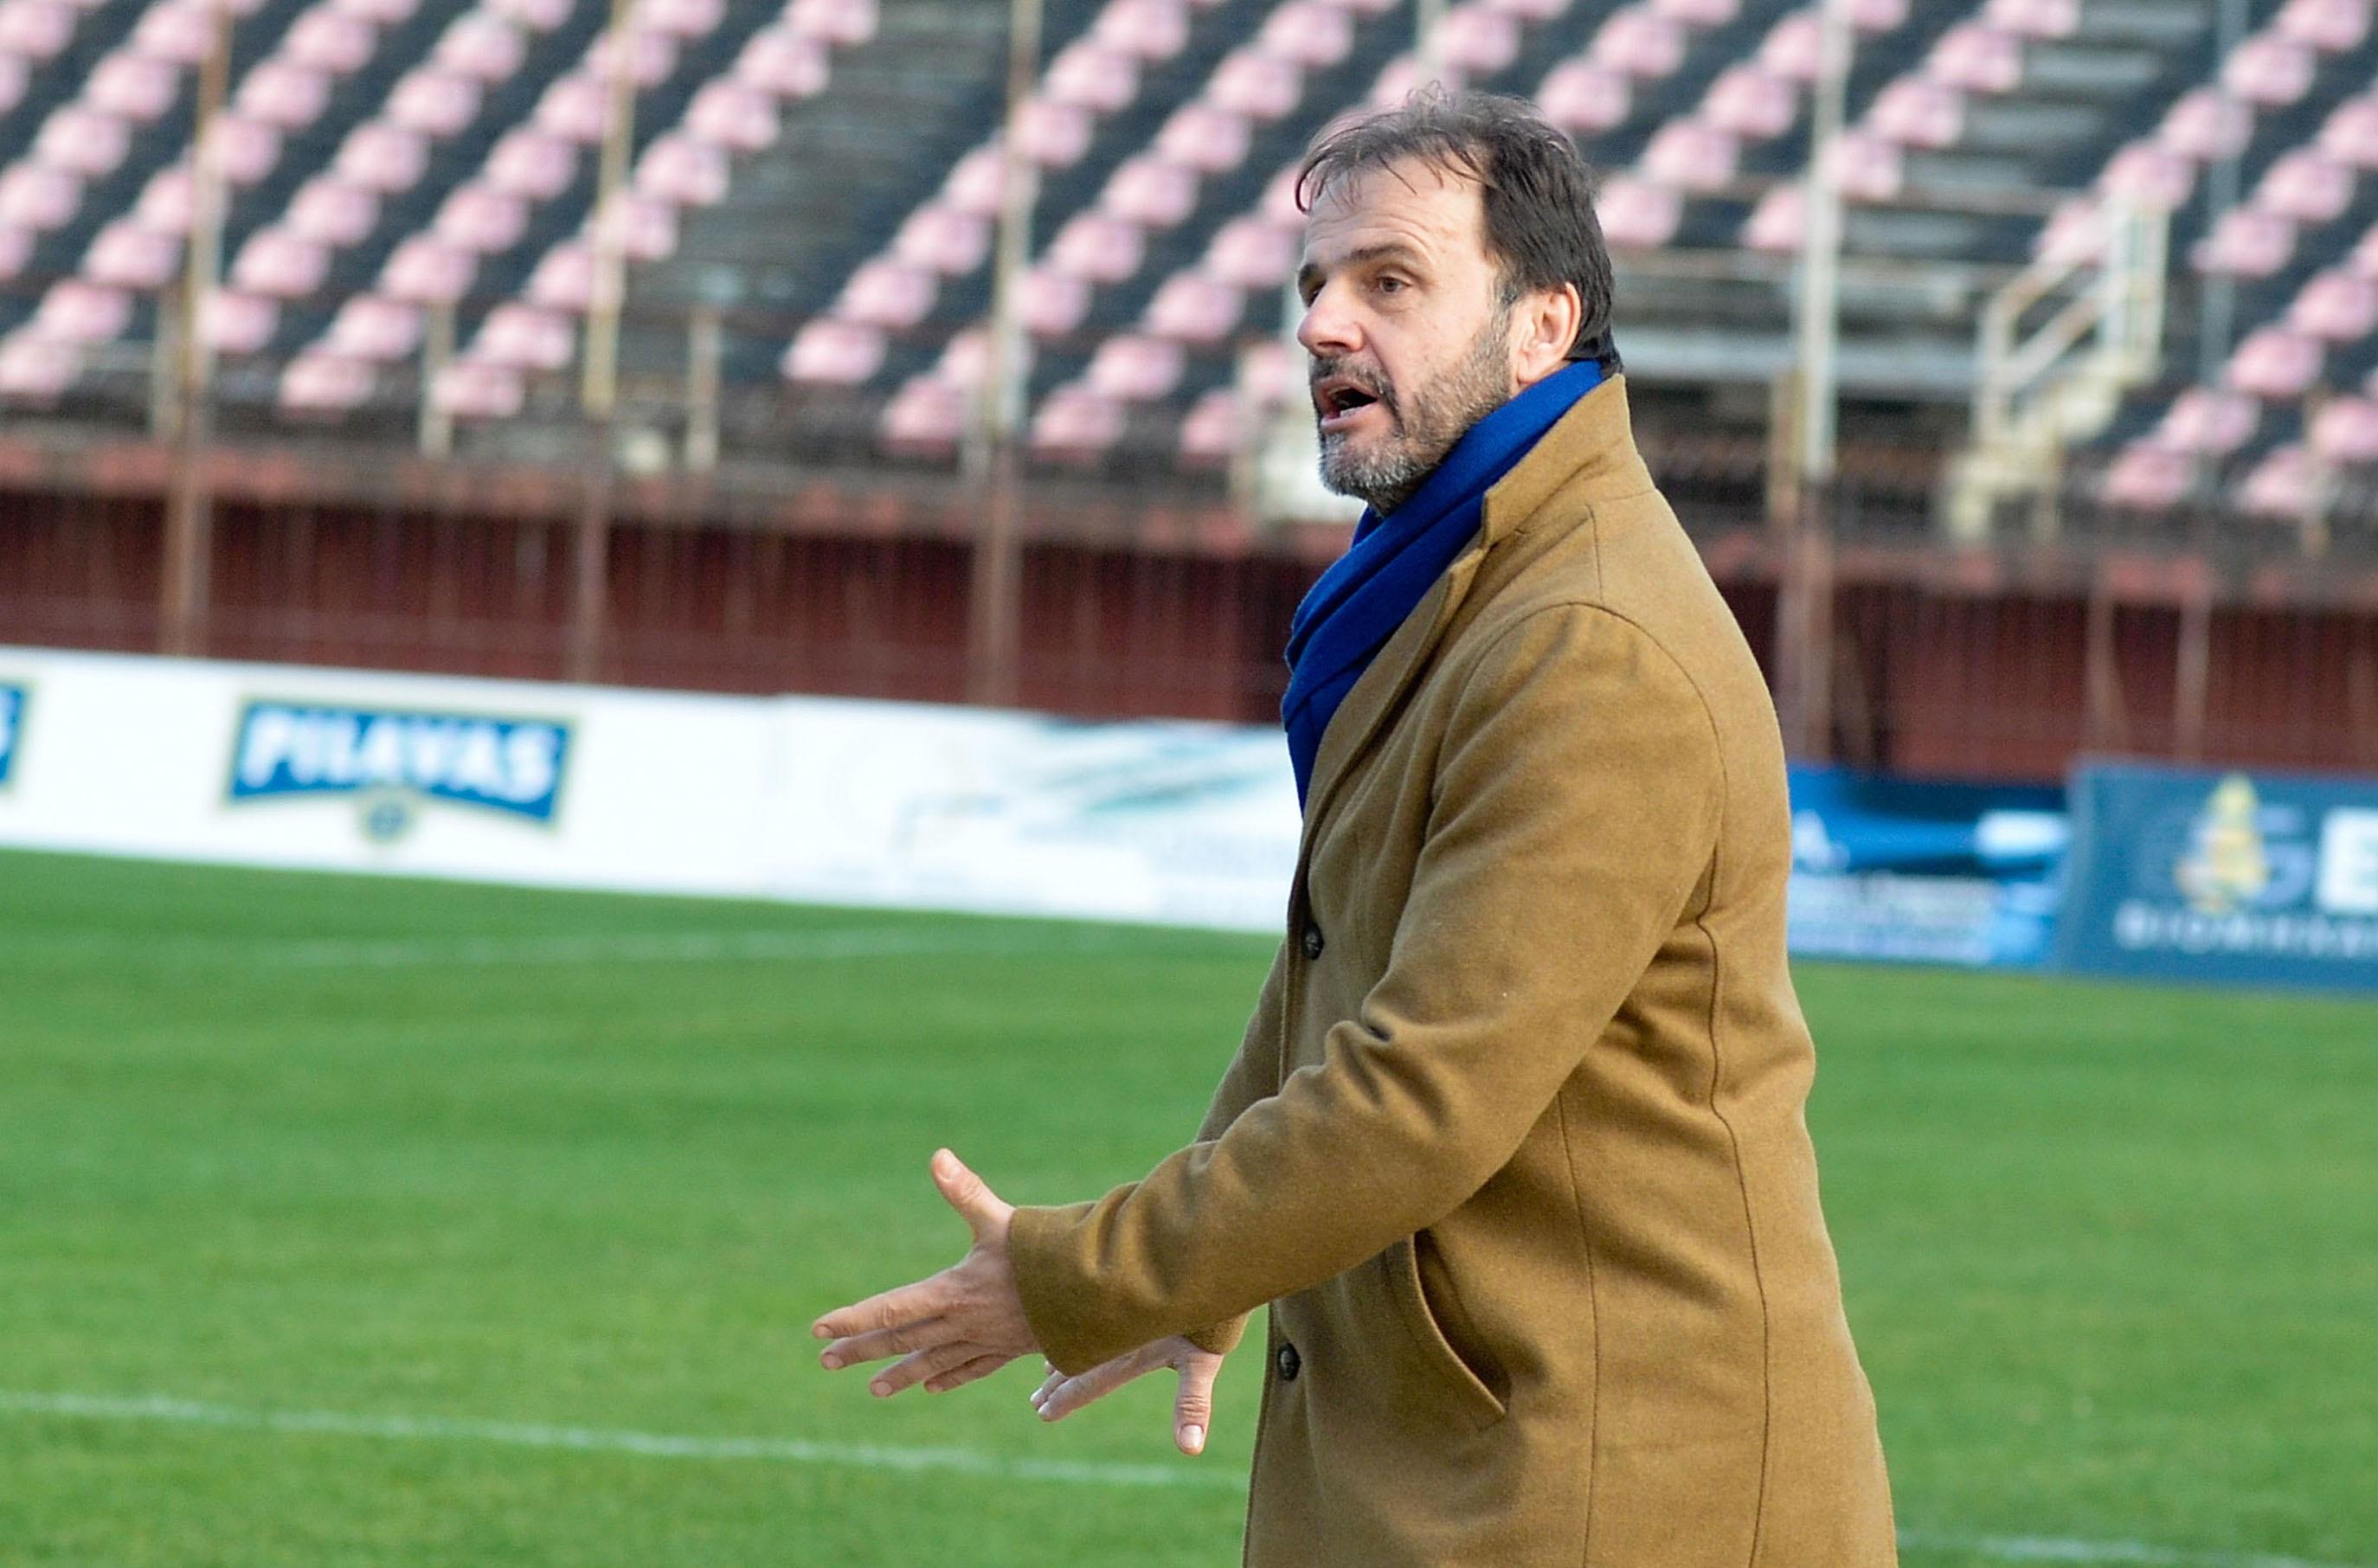 ΑΟ Χαλκίς: Νέος προπονητής ο Αντώνης Αυλωνίτης - Sportime.GR